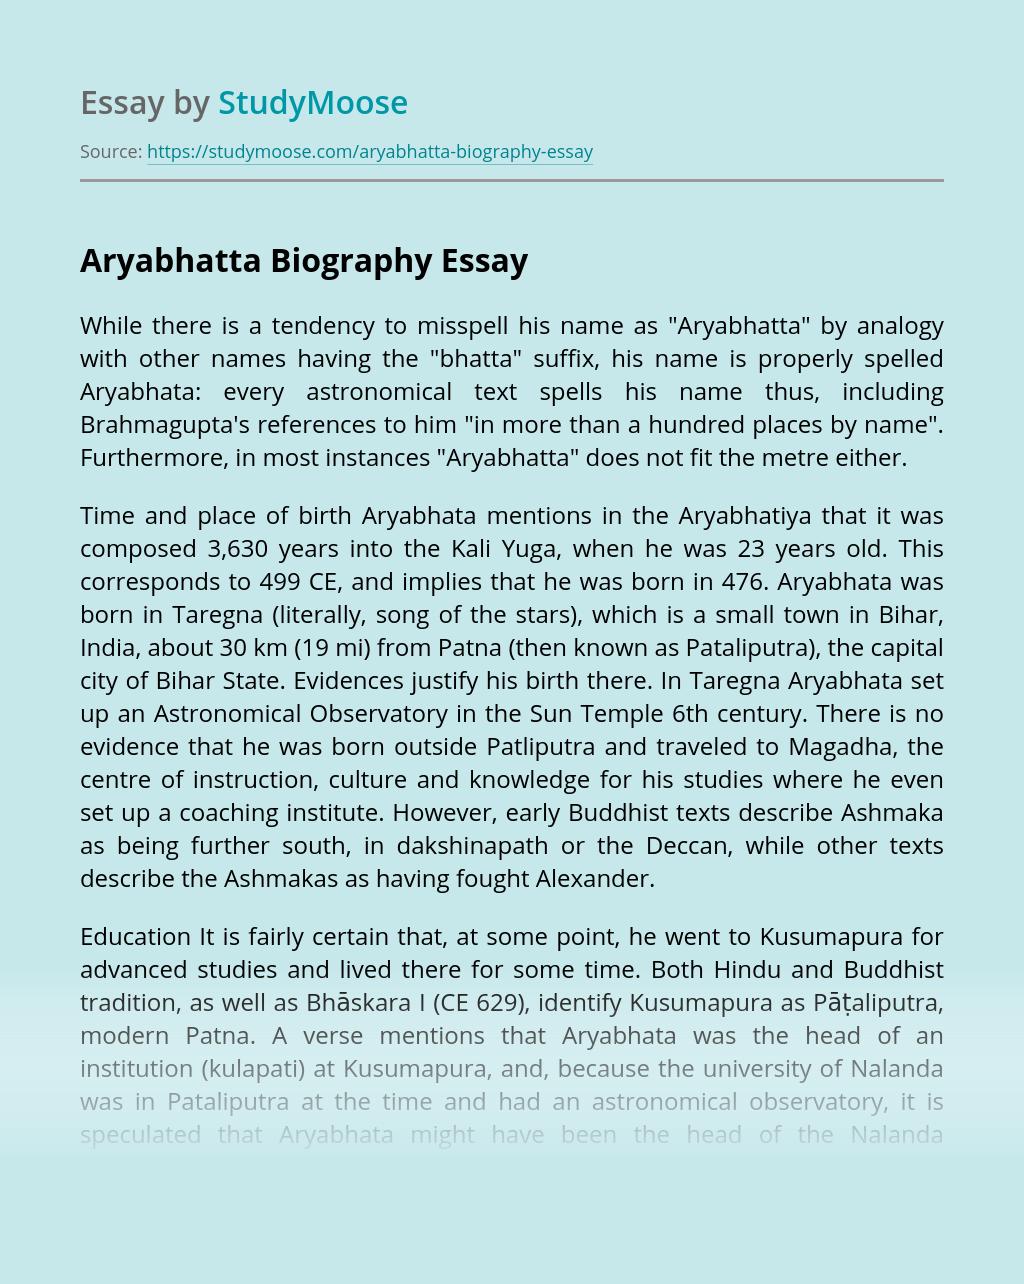 Aryabhatta Biography